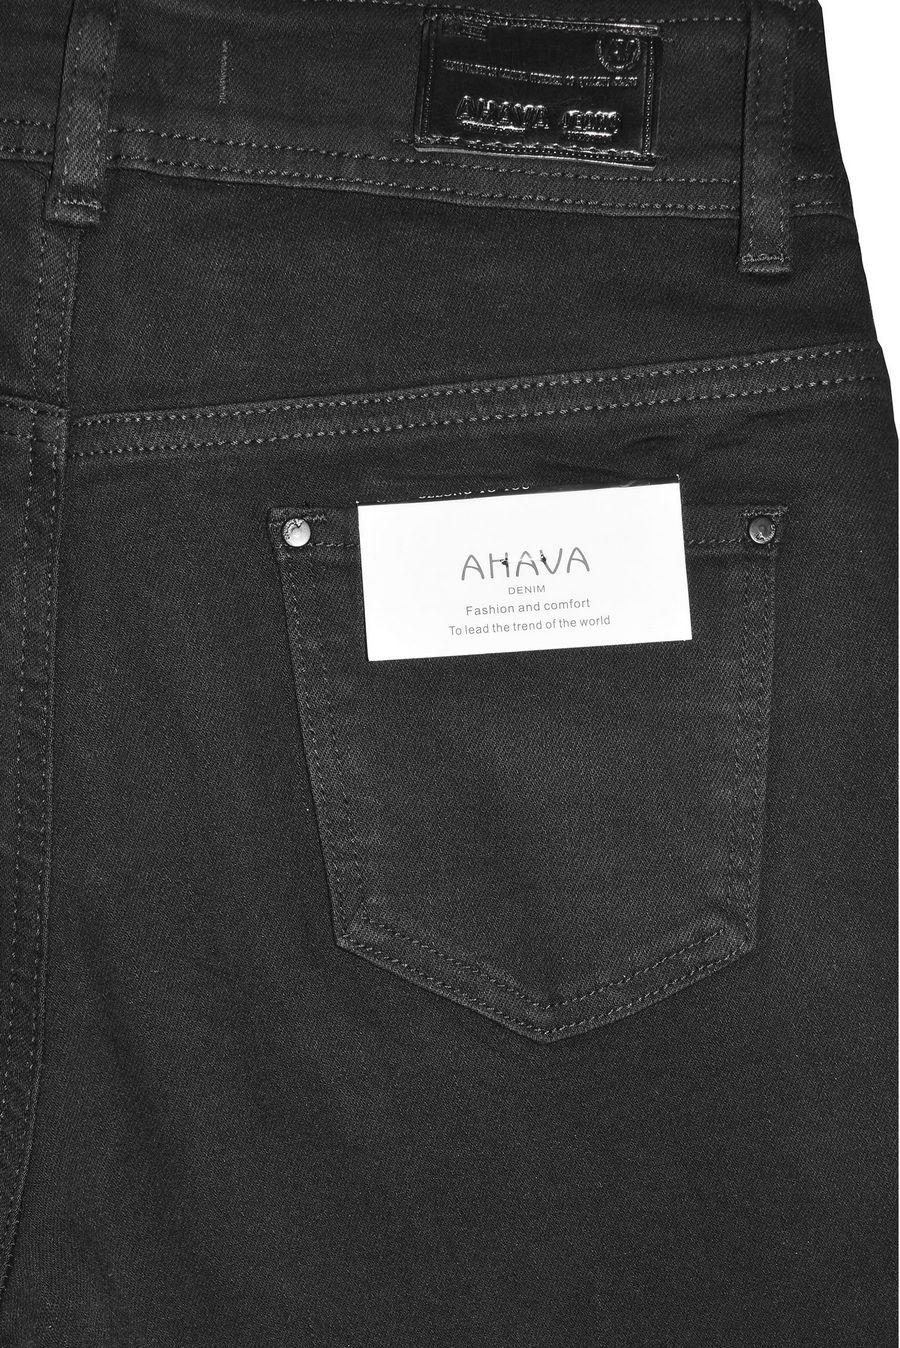 Джинсы женские Ahava 3027 - фото 4